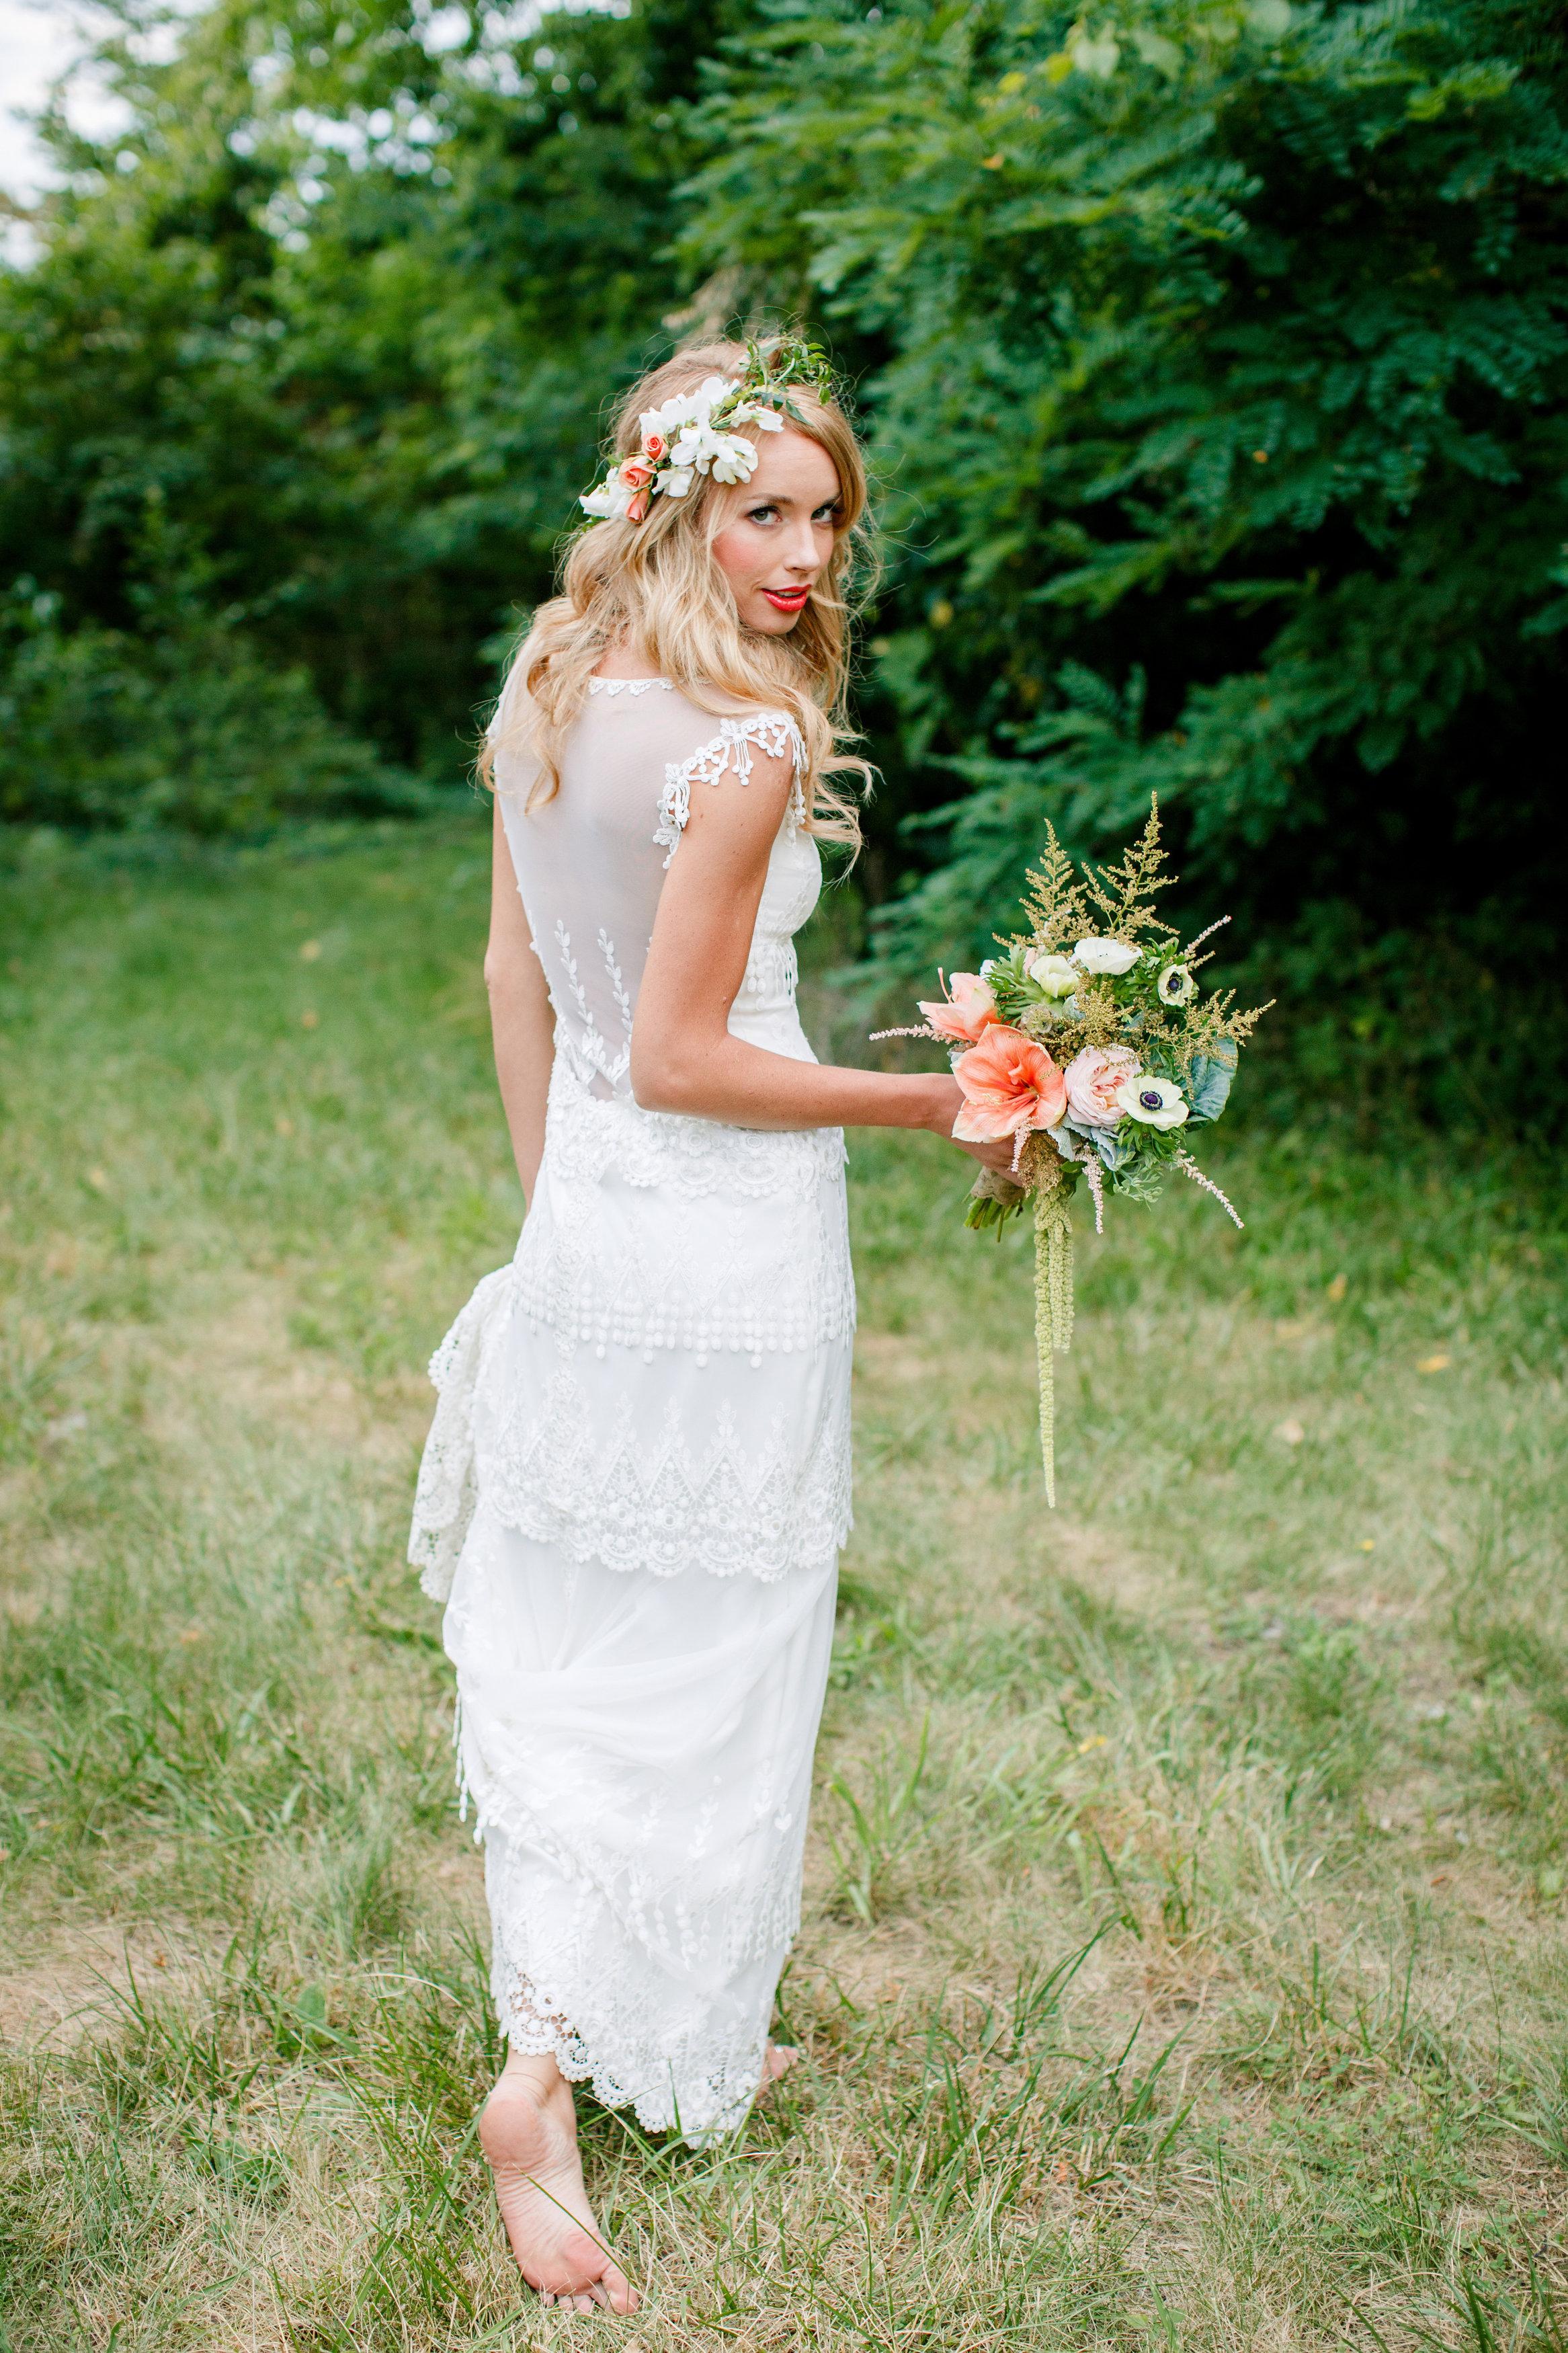 jaimie_bridal_amycampbellphotography_0016.jpg